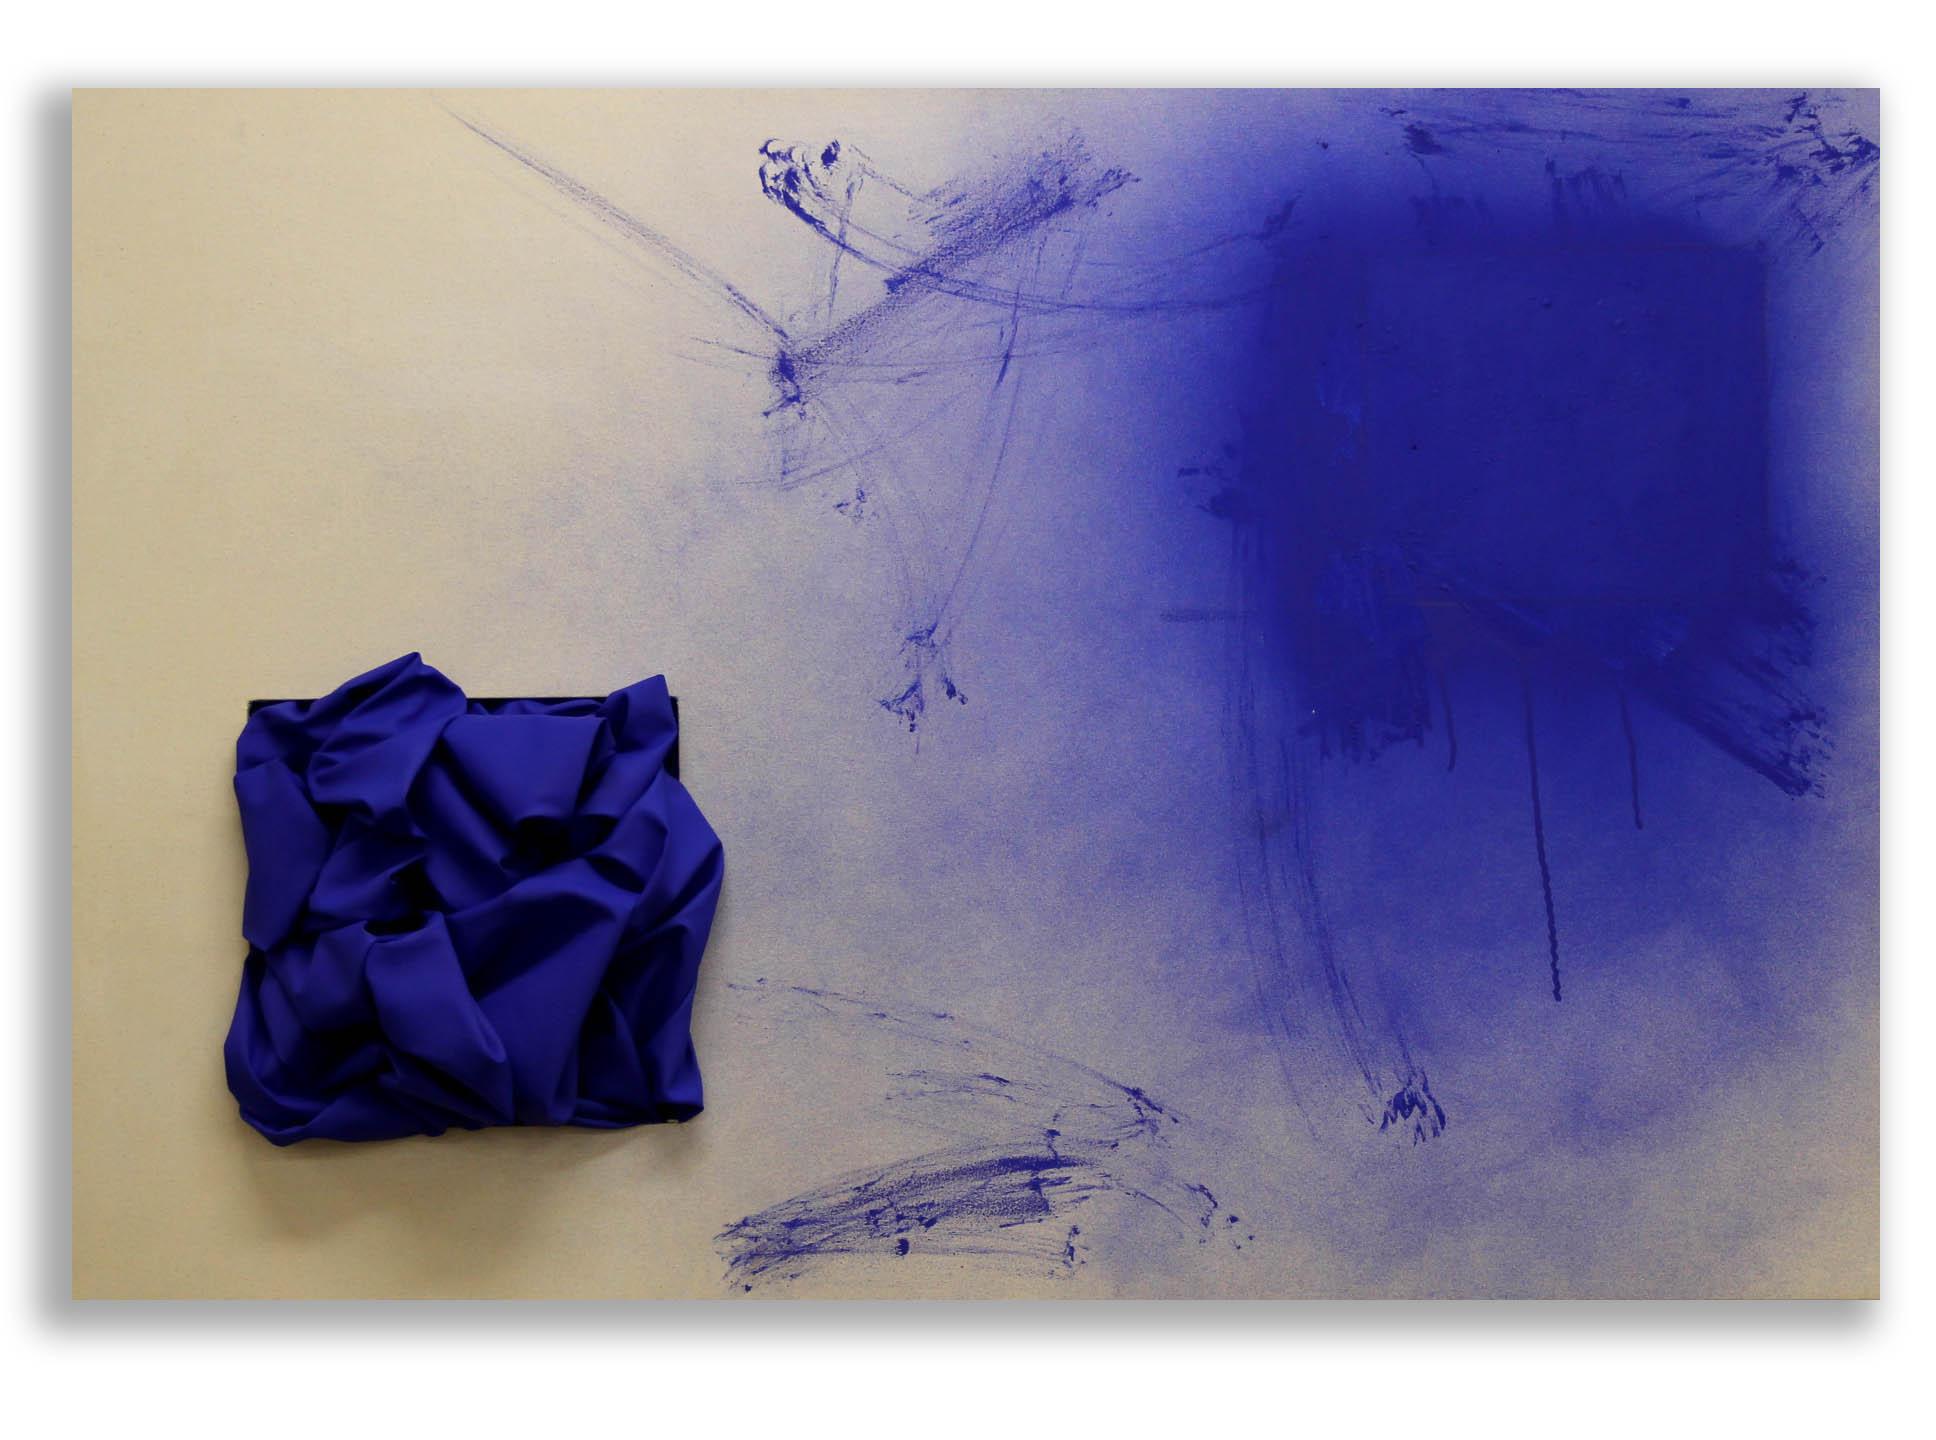 Genesis (Cobalt Blue)  - 2017  Pigmento acrilico, bomboletta spray e oil stick su tela di cotone grezza  110 x 150 cm